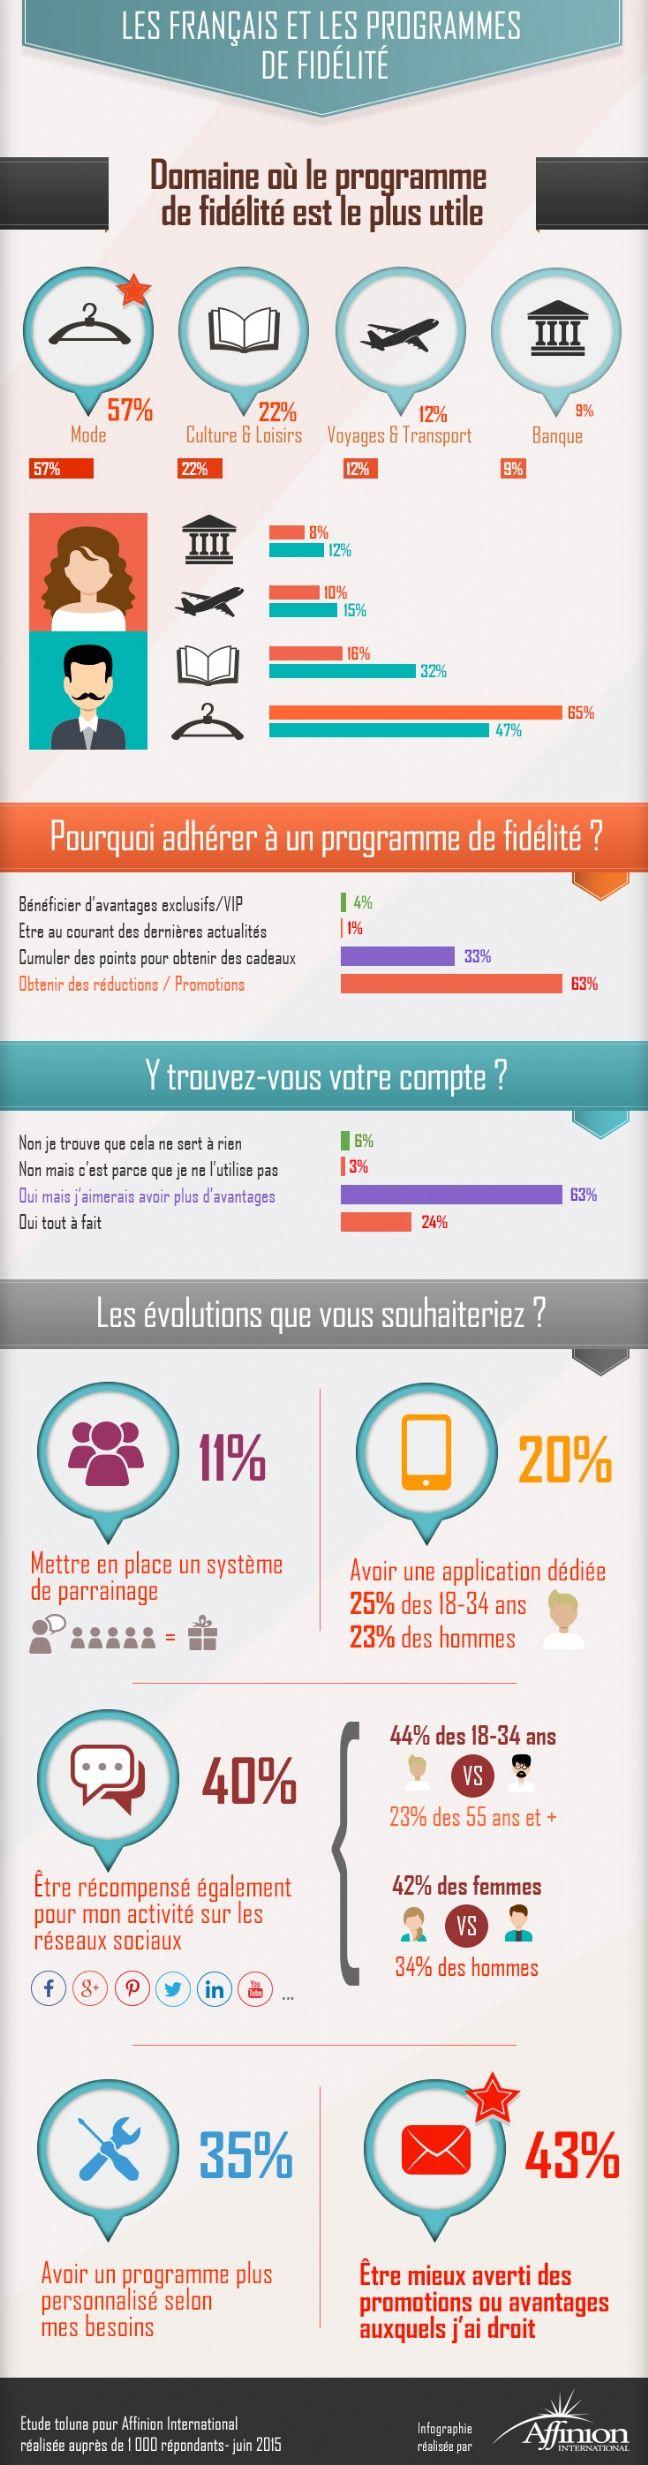 #reseauxsociaux Recevoir des informations claires sur les promotions et des offres personnalisées, tels sont les souhaits les plus affirmés des Français en matière de programme de fidélisation, selon le baromètre d'Affinion International.